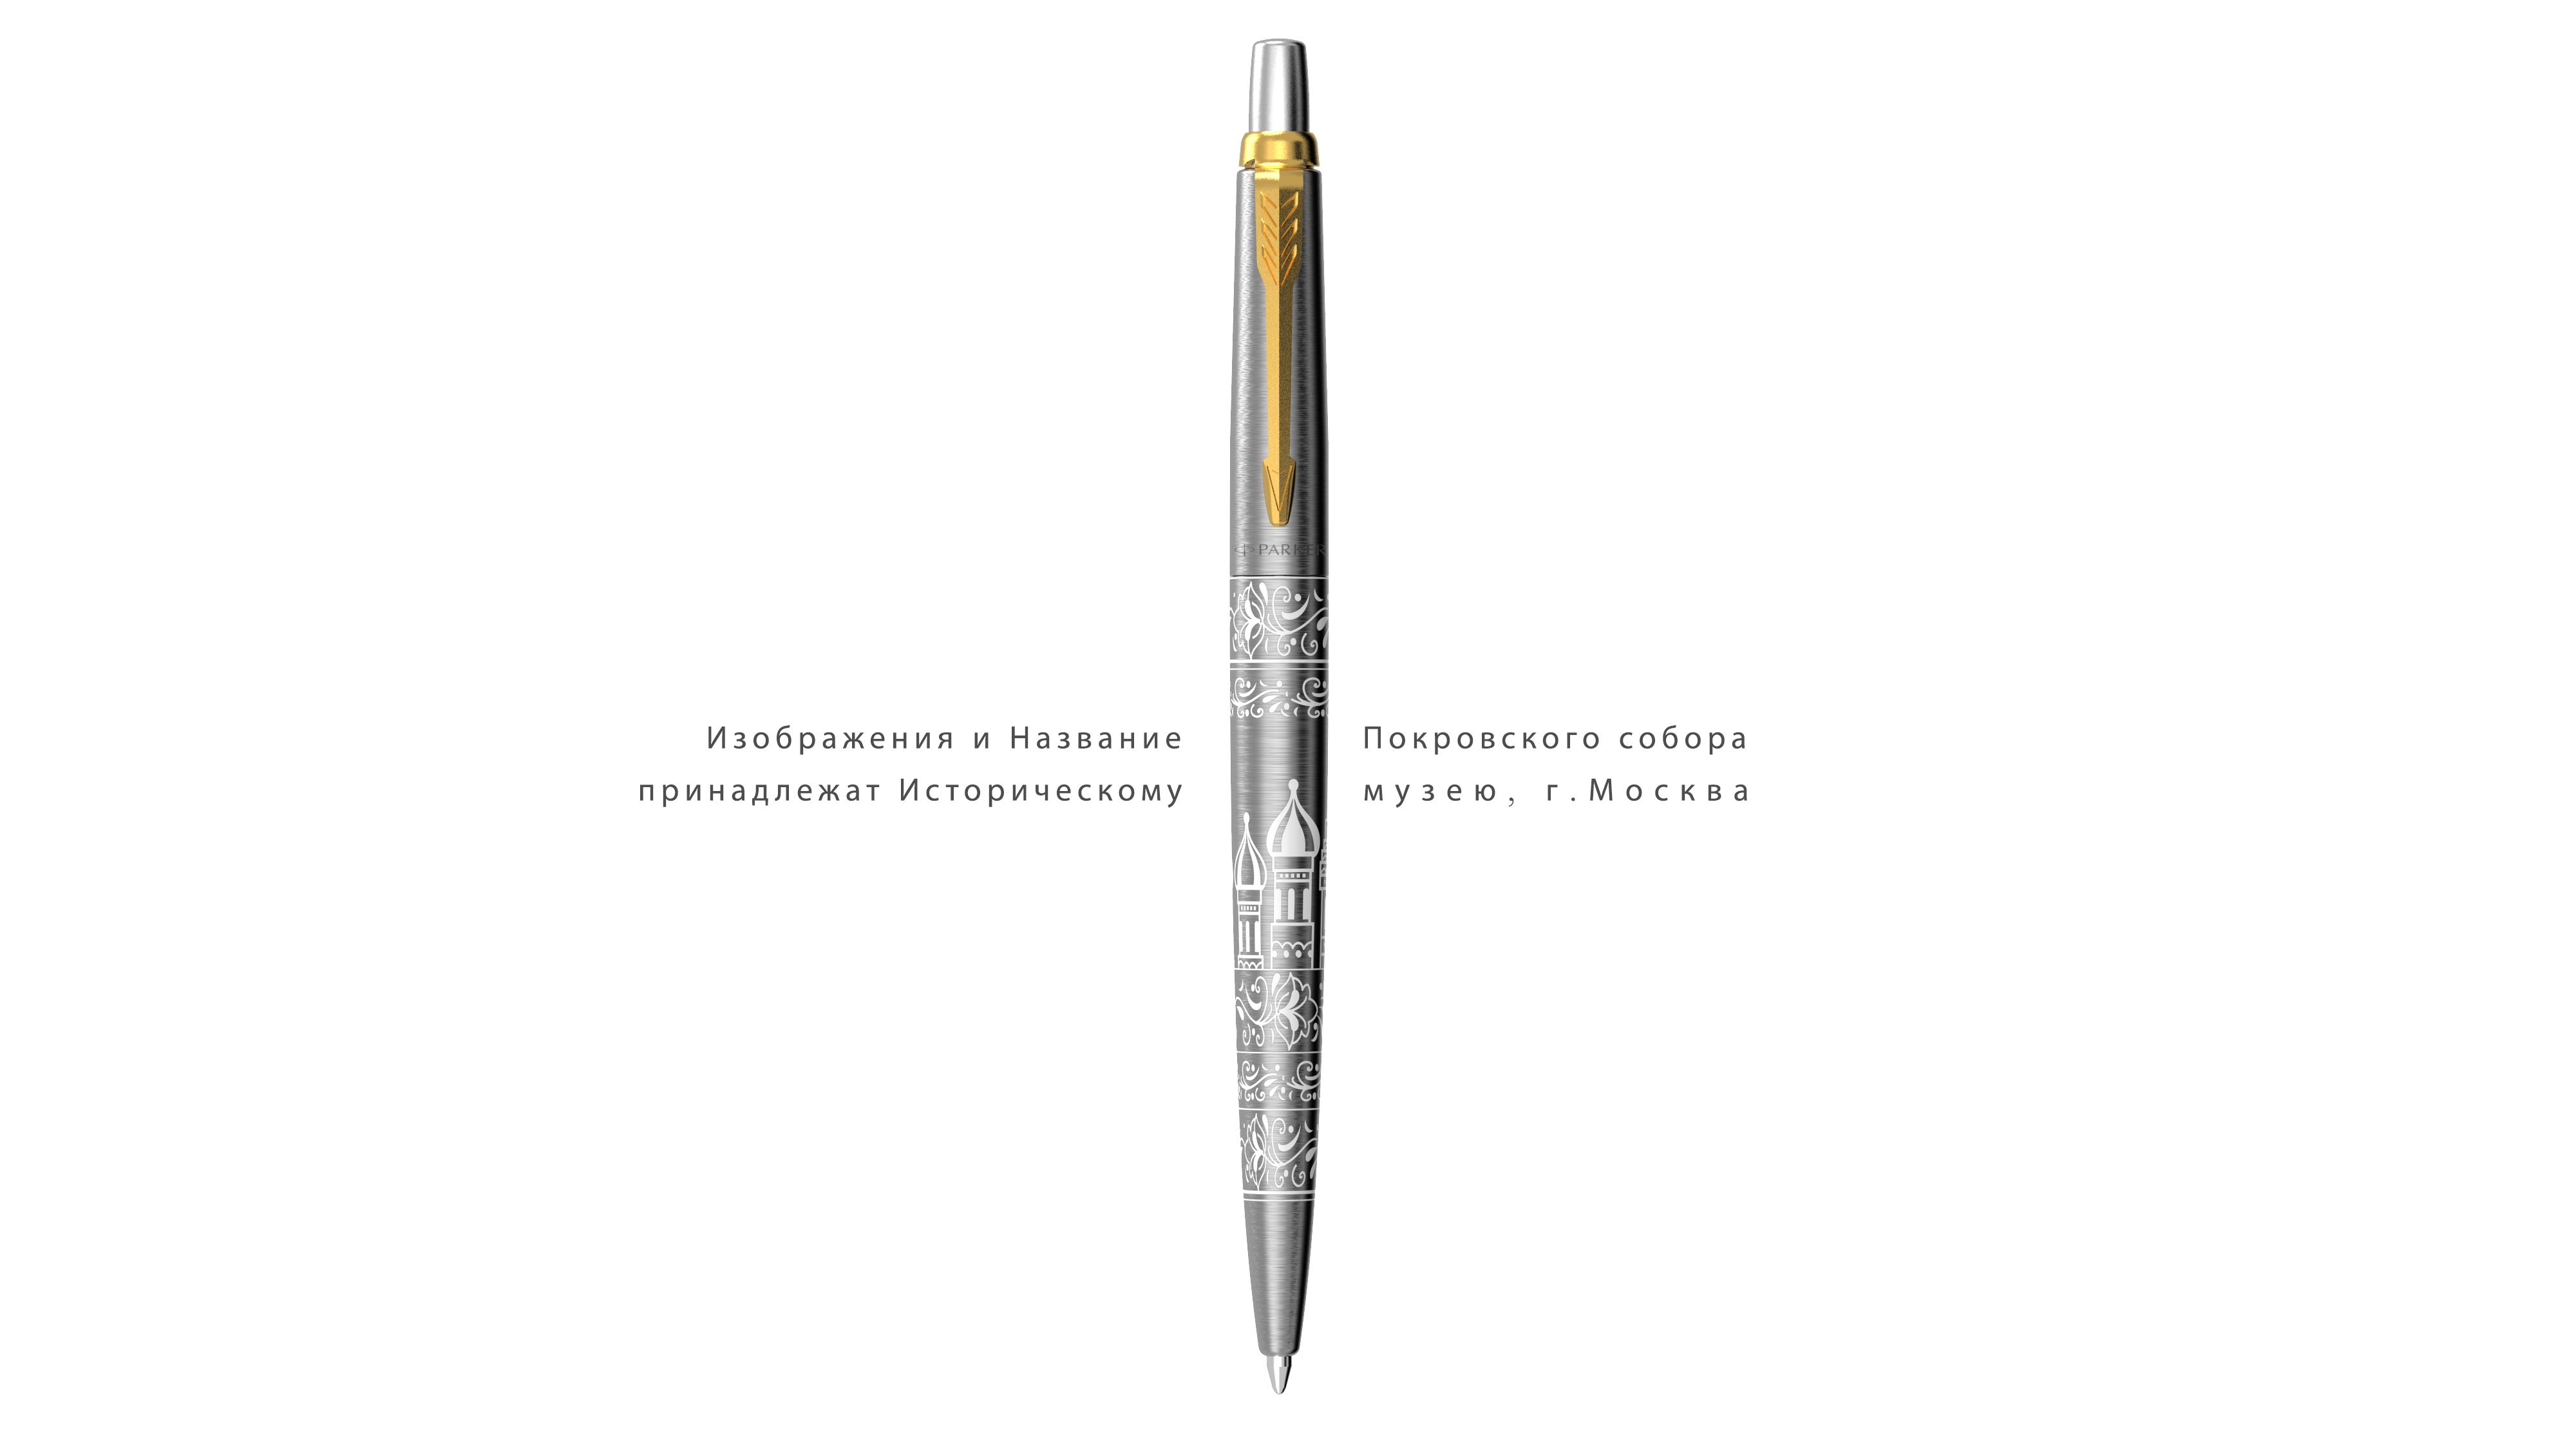 SE20 (2126175) Ручка шариковая Parker Jotter Russia серебристый М синие чернила подар.кор.